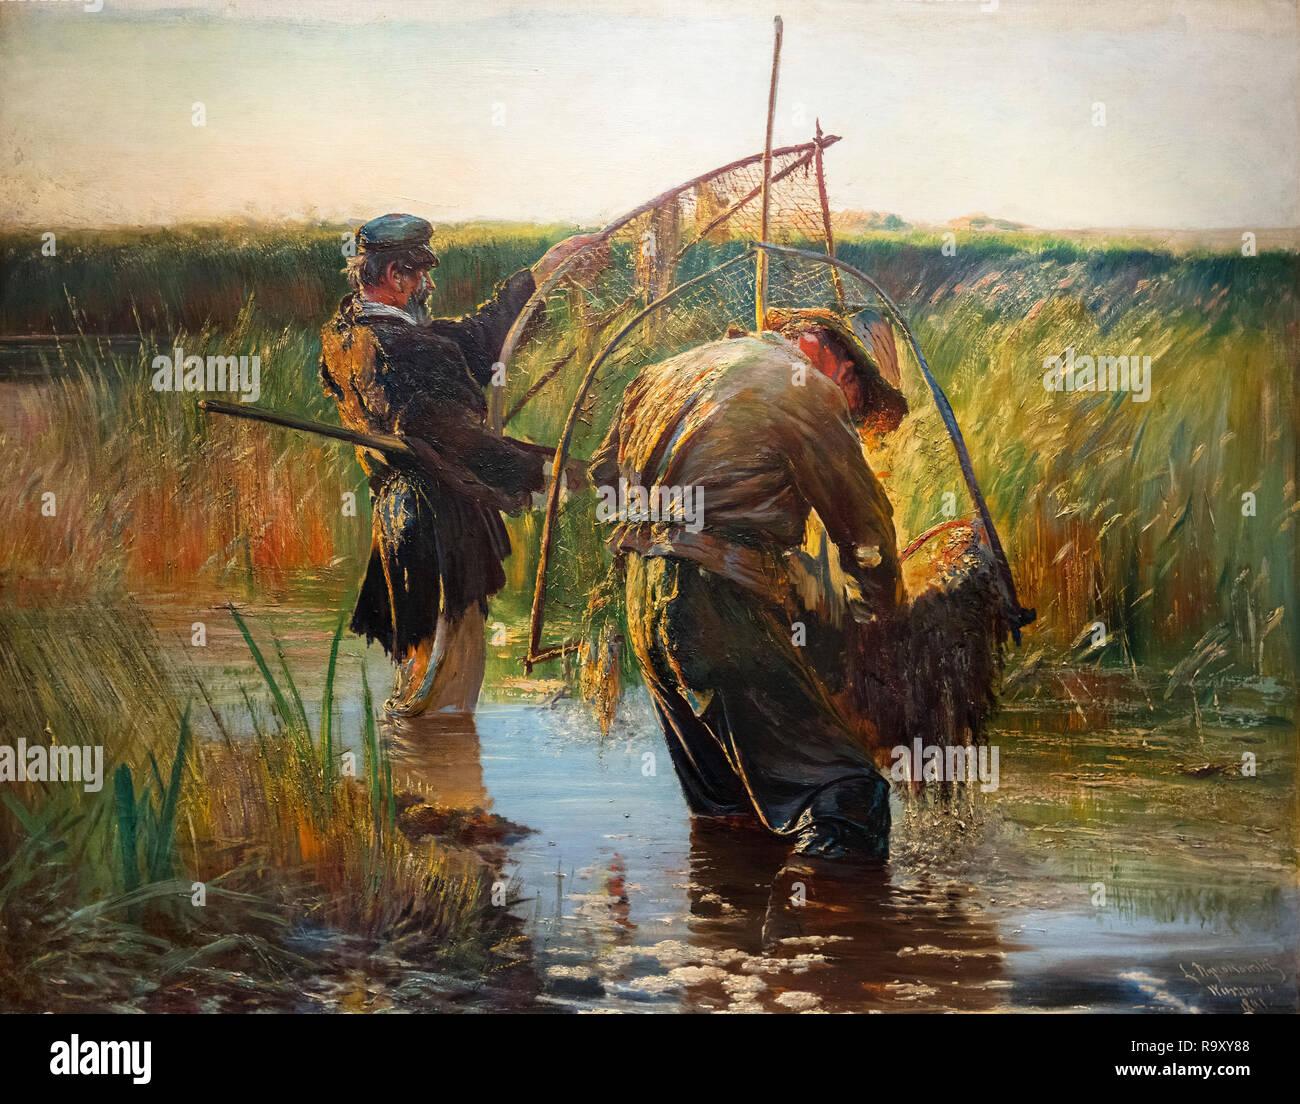 Fishermen by Leon Wyczółkowski (1852-1936), oil on canvas, 1891 - Stock Image